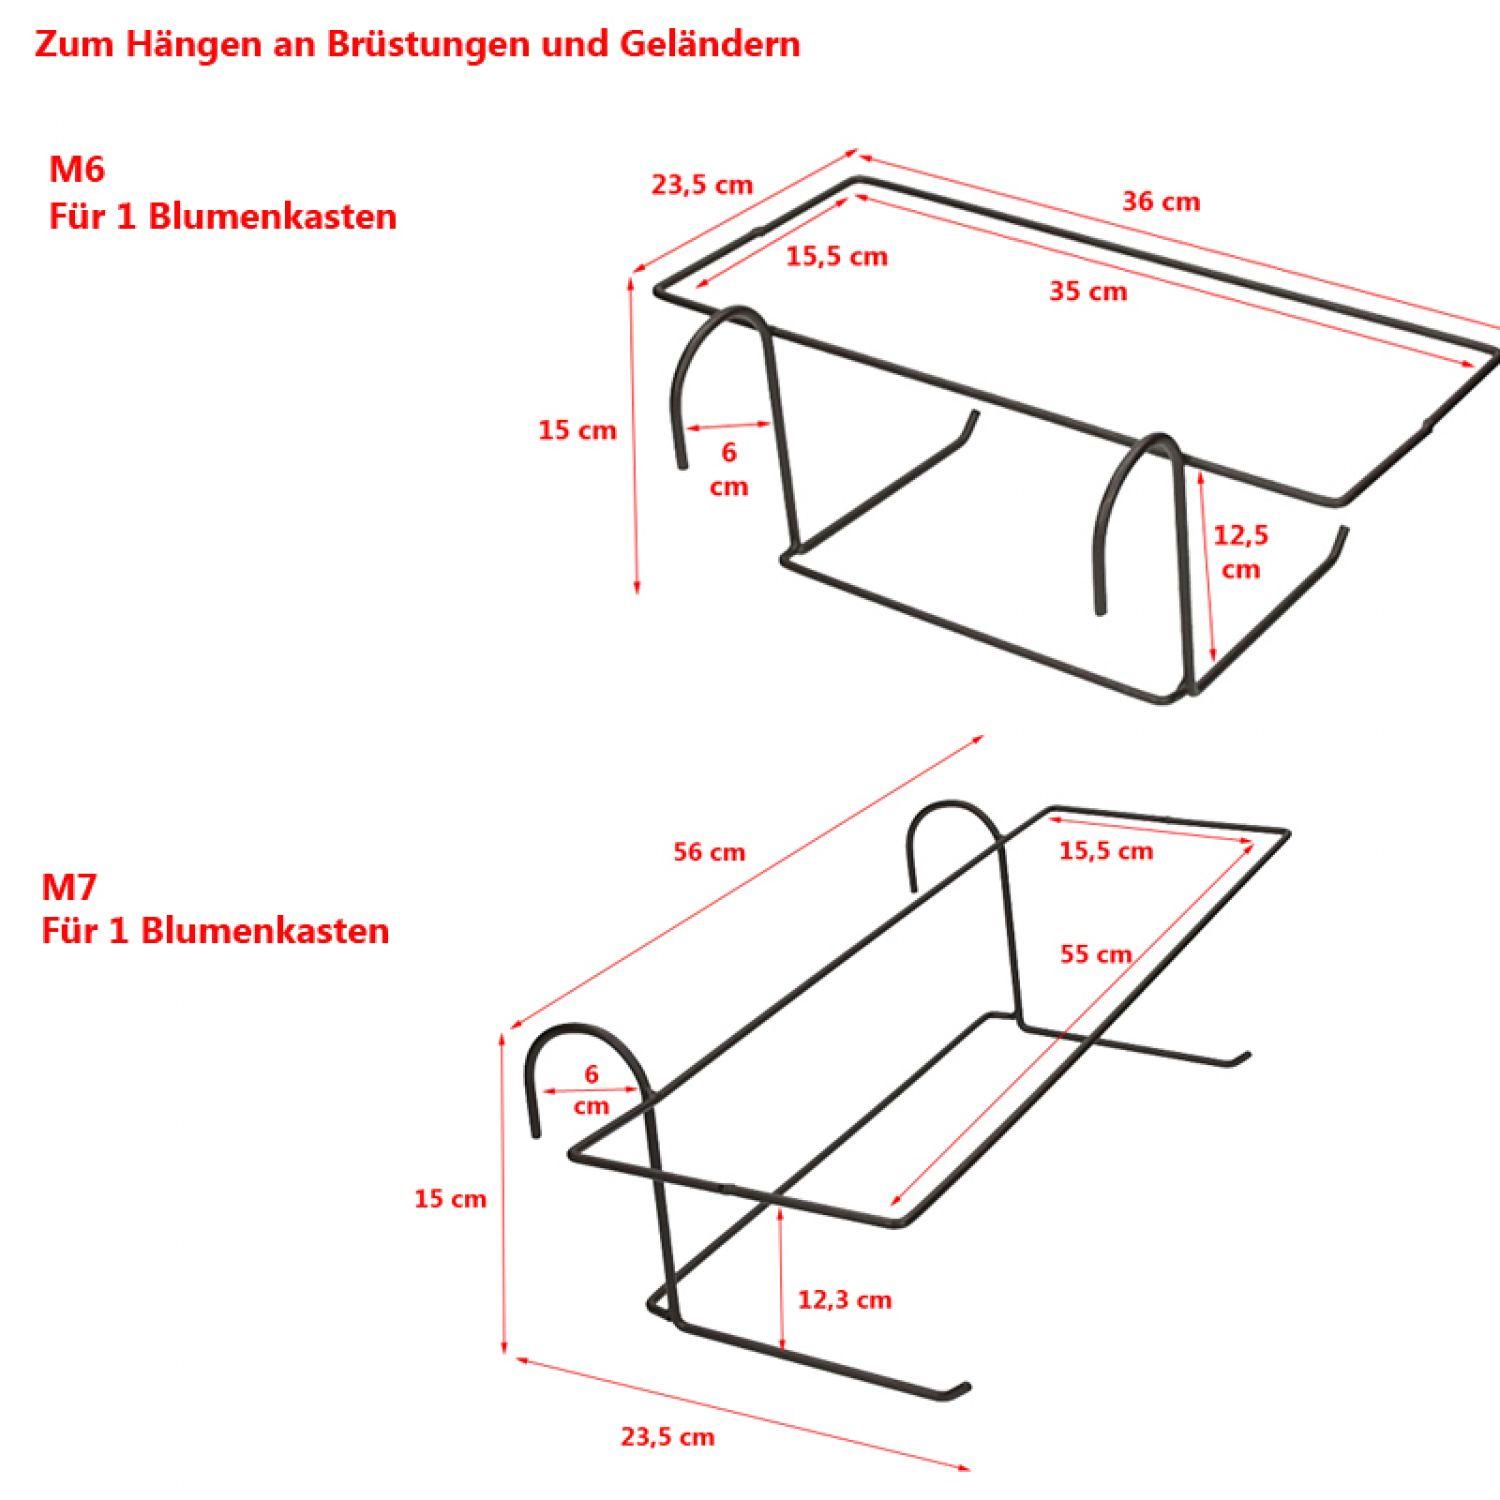 blumentopfhalter blumenst nder halterung f r blumenkasten. Black Bedroom Furniture Sets. Home Design Ideas